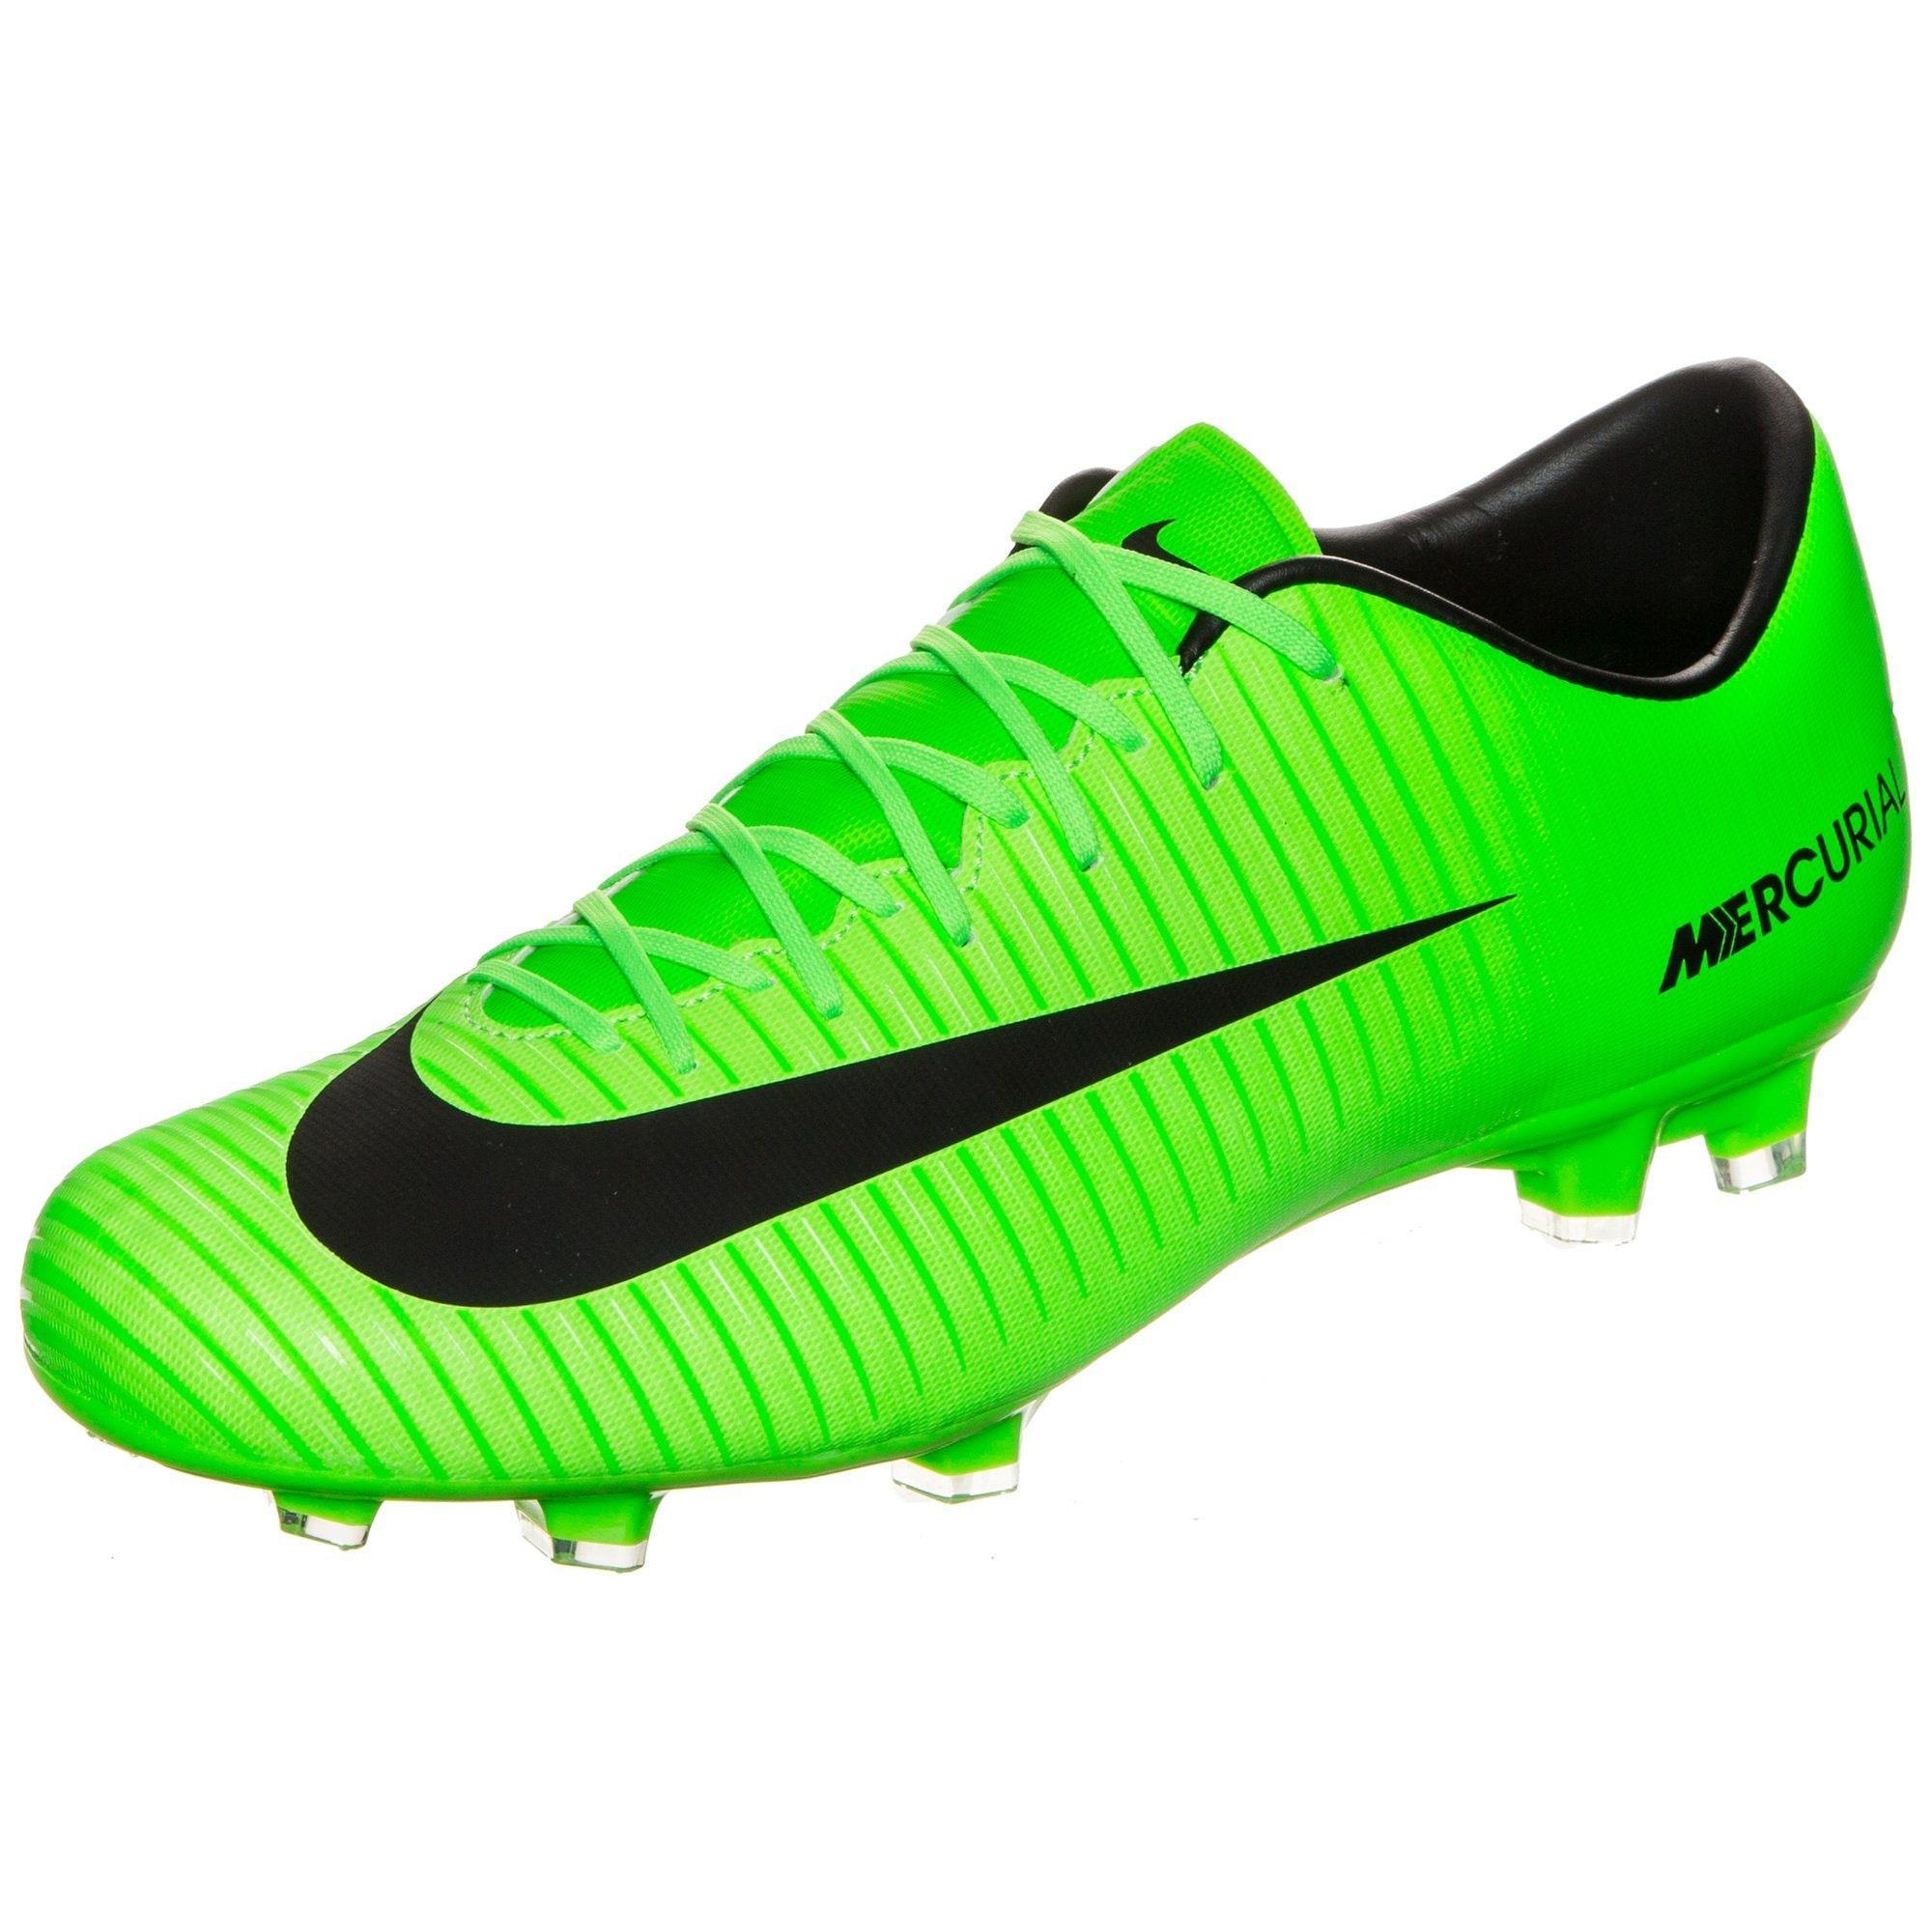 Nike Mercurial Victory VI FG Fußballschuh Herren kaufen | BAUR